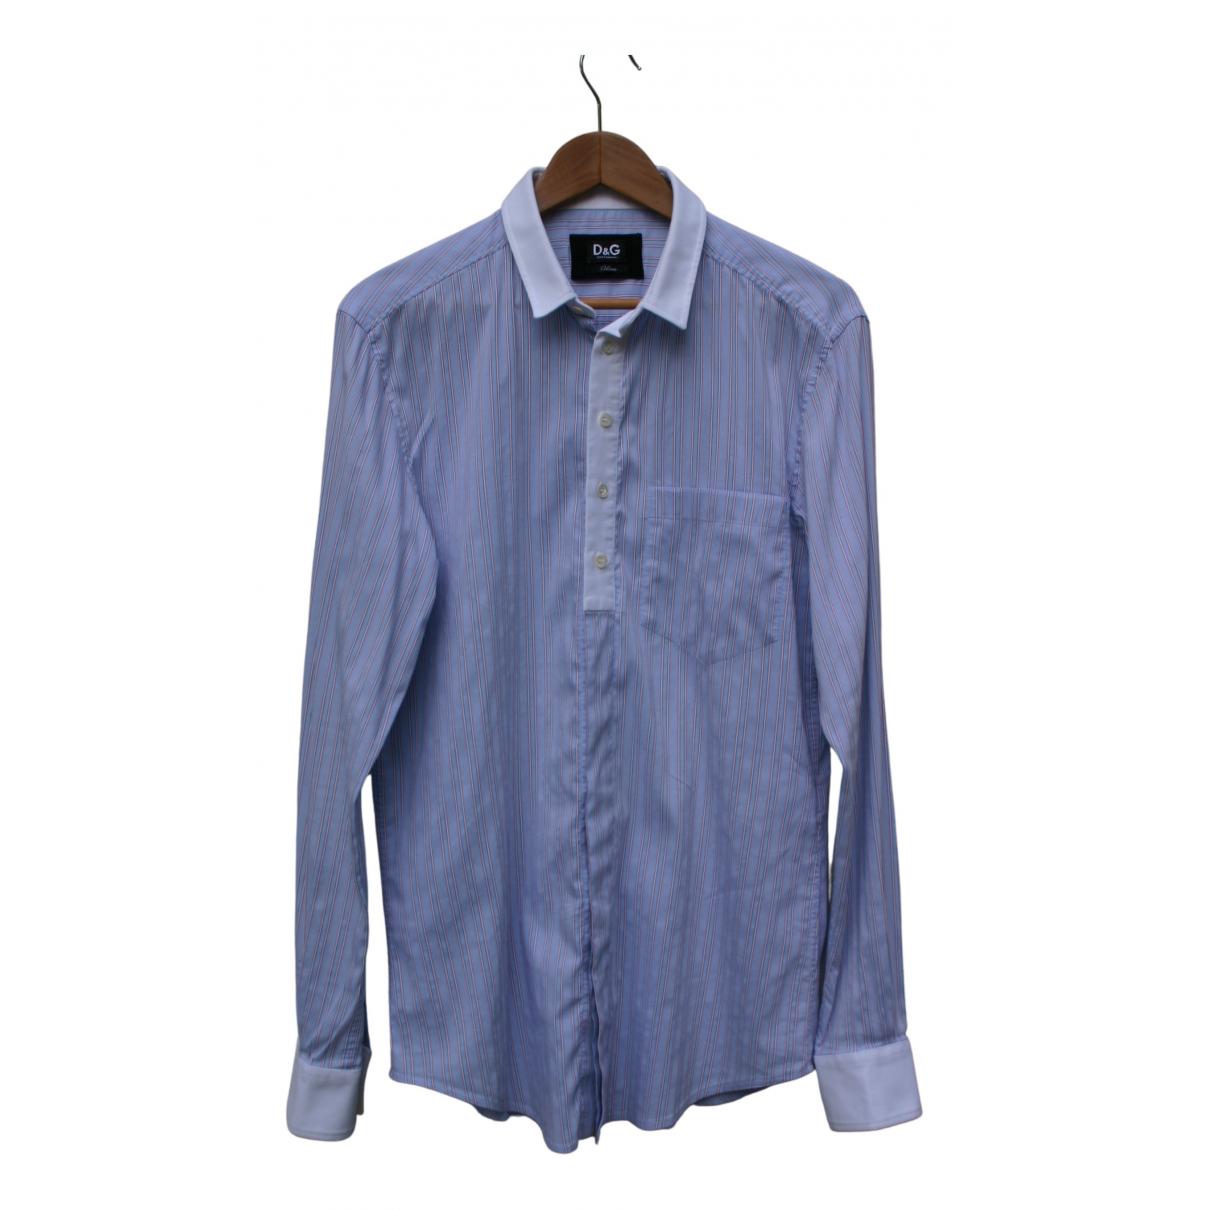 D&g - Chemises   pour homme en coton - multicolore